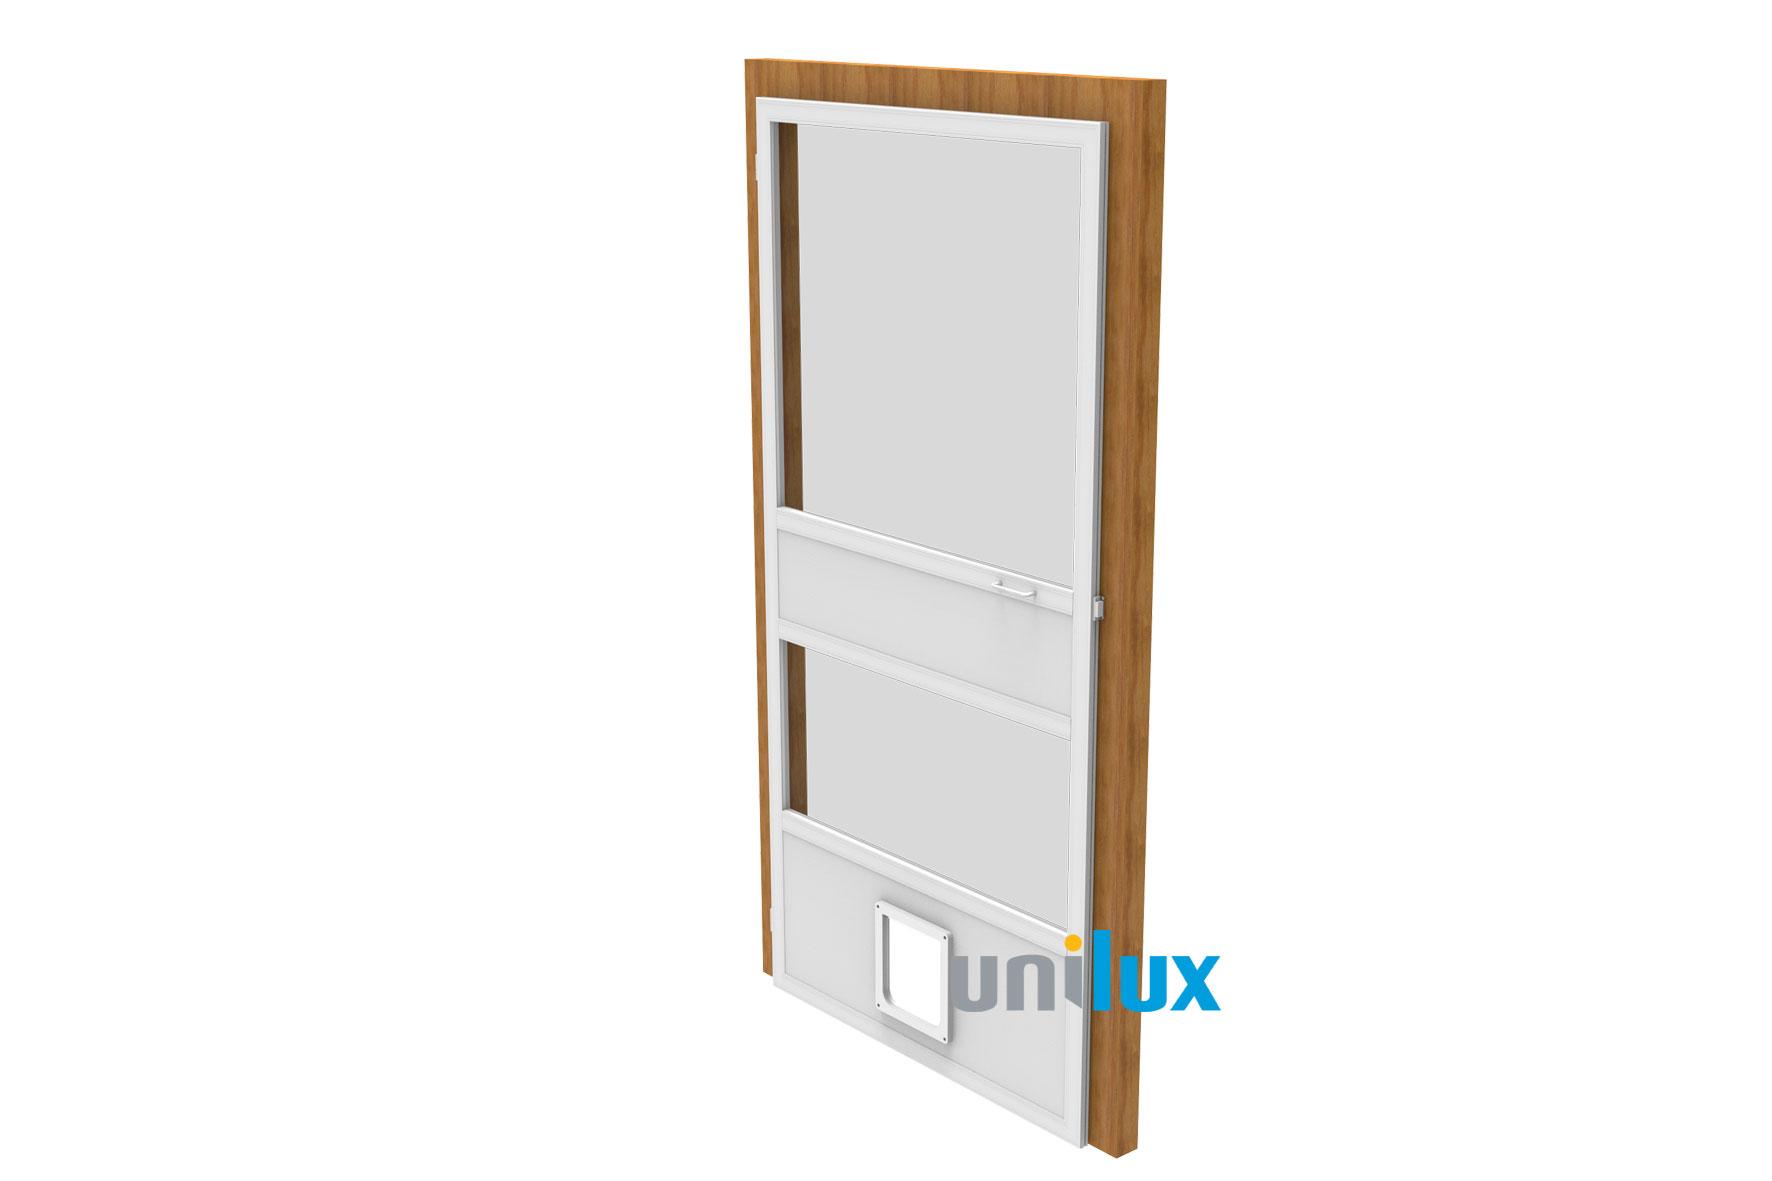 Vaste hor deur enkel Unilux